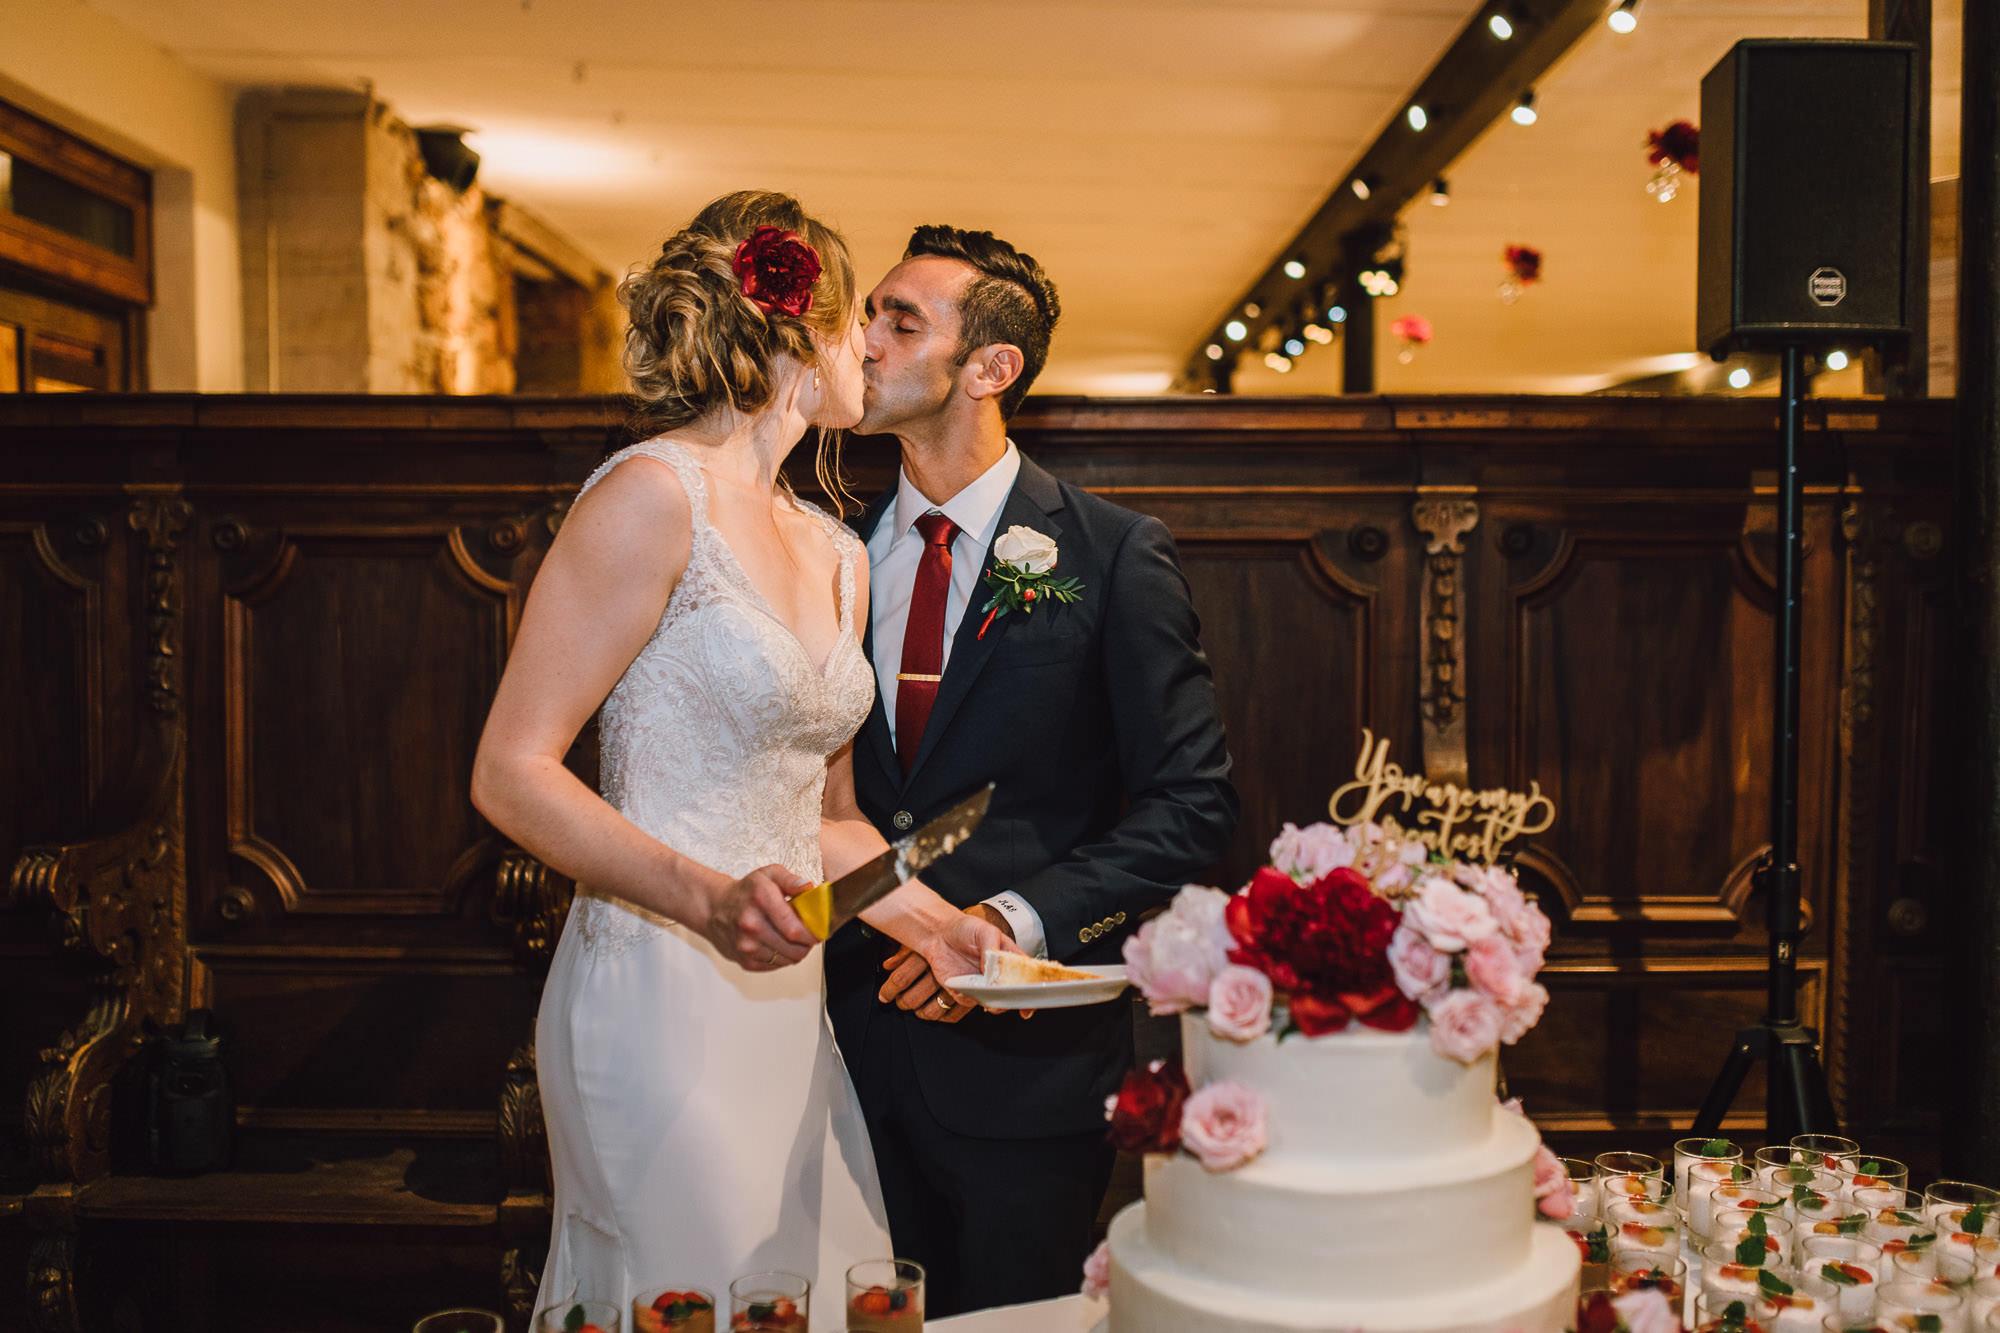 rustic-elegant-wedding-schloss-hochzeit-eyrichshof-franken-bamberg-131